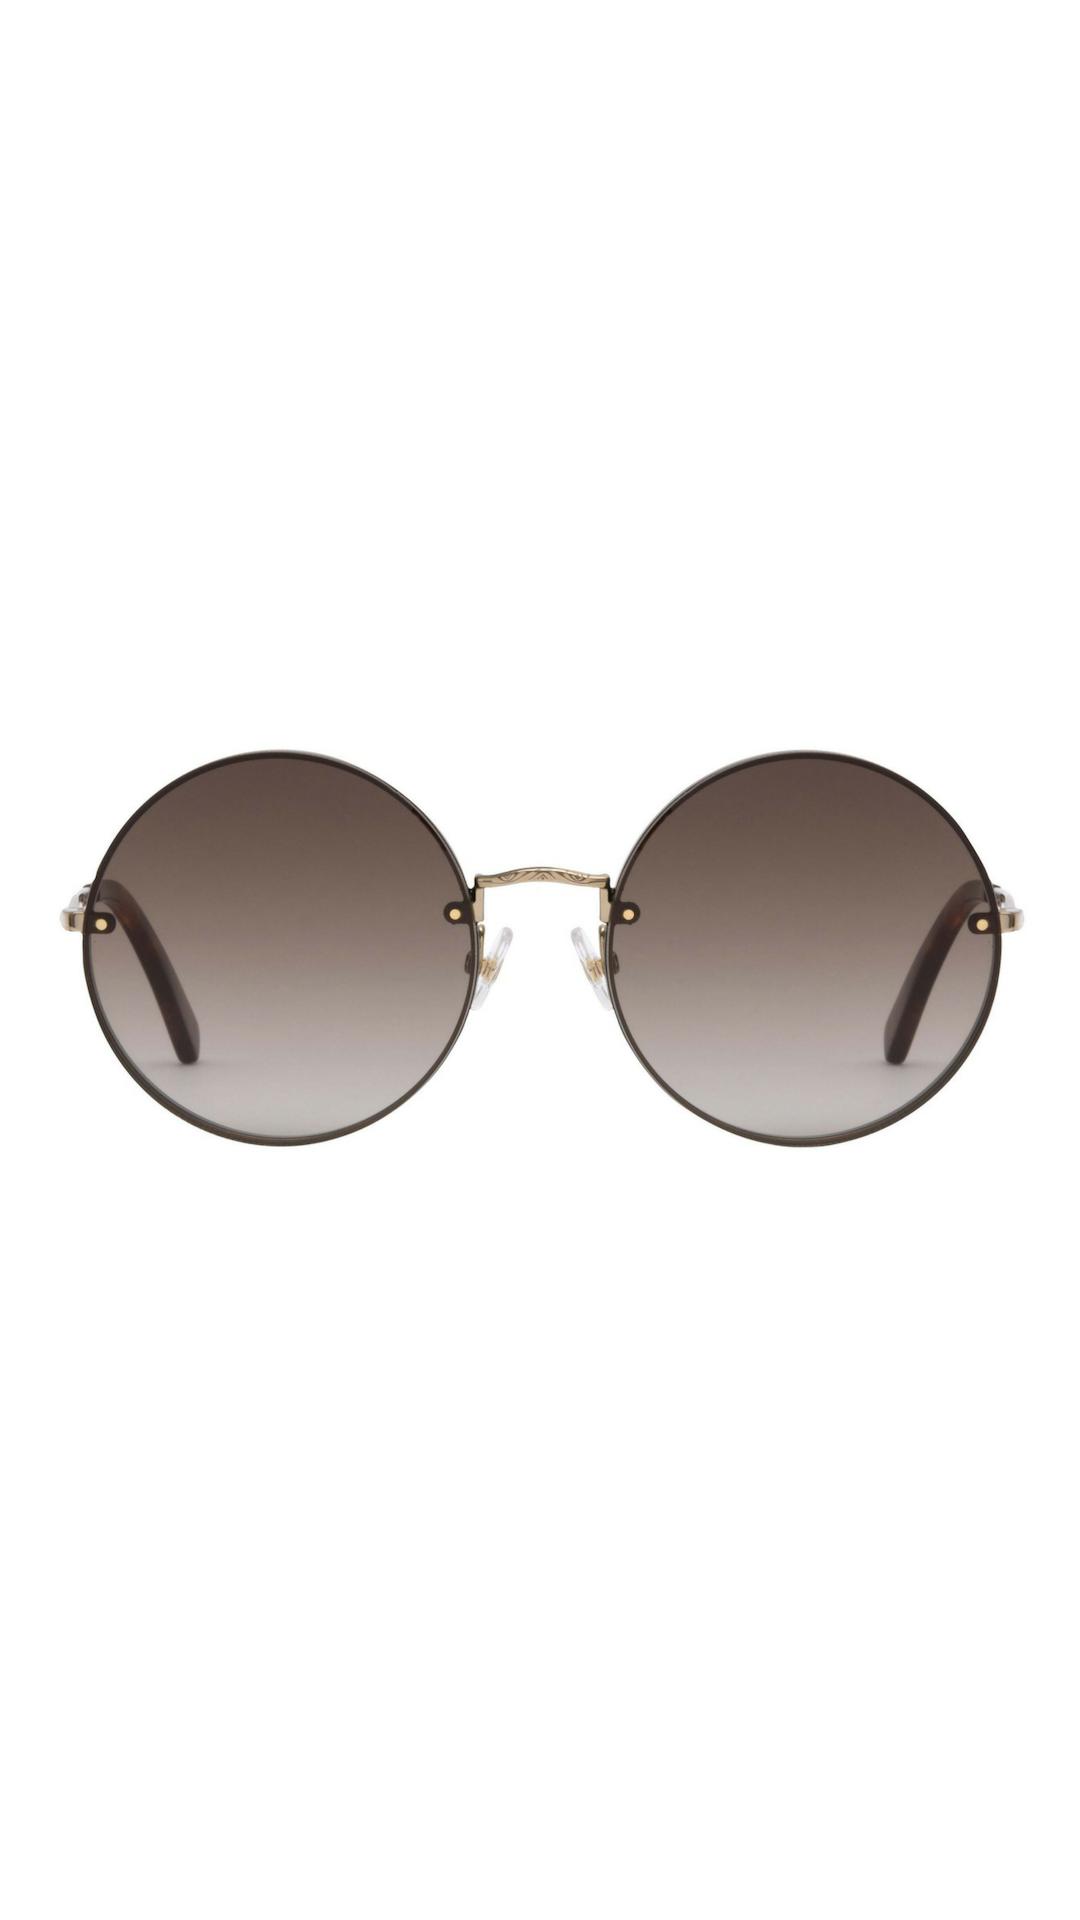 cbfd040a3 Gloria Metal Round Sunglasses | Rebecca Minkoff, circle metal sunglasses,  designer sunglasses, gold circle sunglasses, gold round sunglasses, gold  metal ...